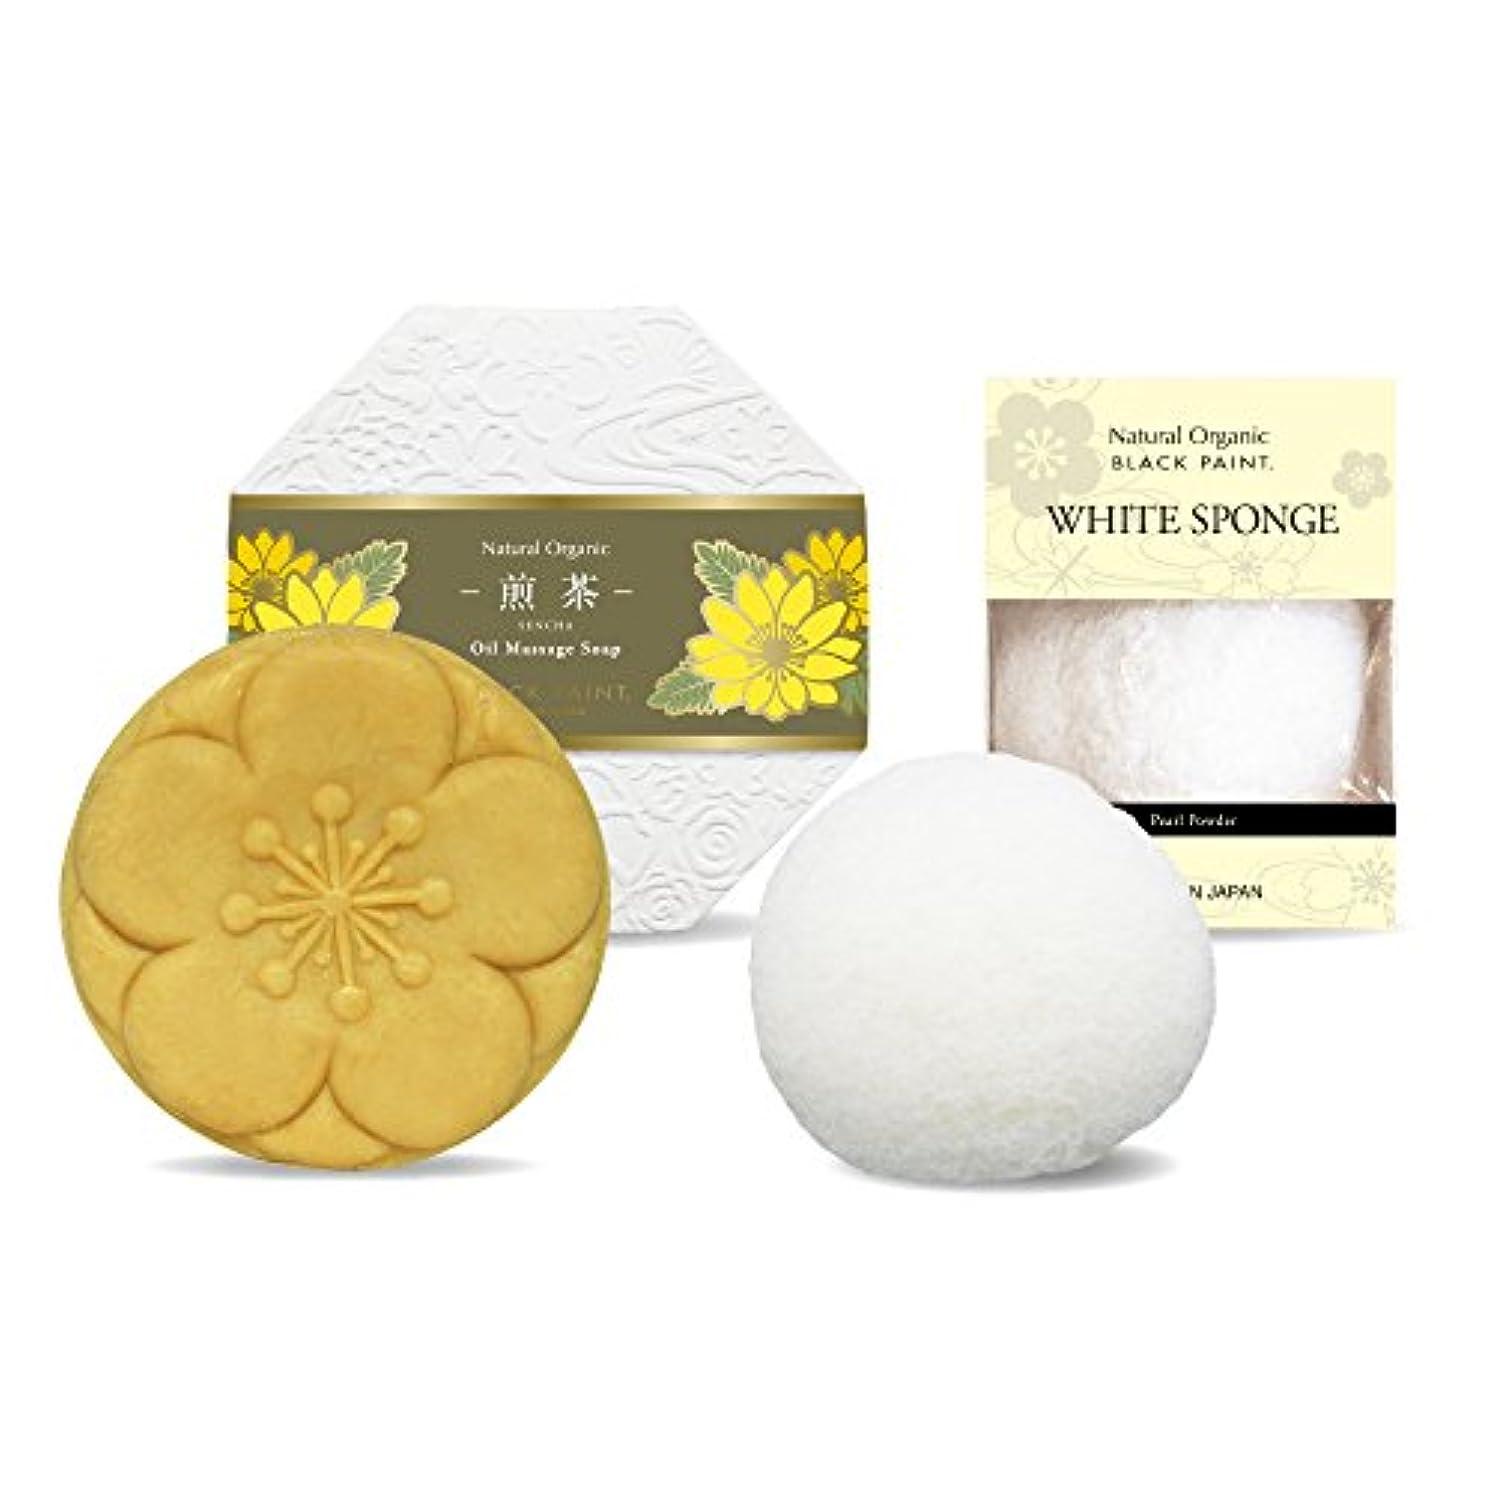 どこにでも矢印赤京のお茶石鹸 煎茶120g&ホワイトスポンジ 洗顔セット